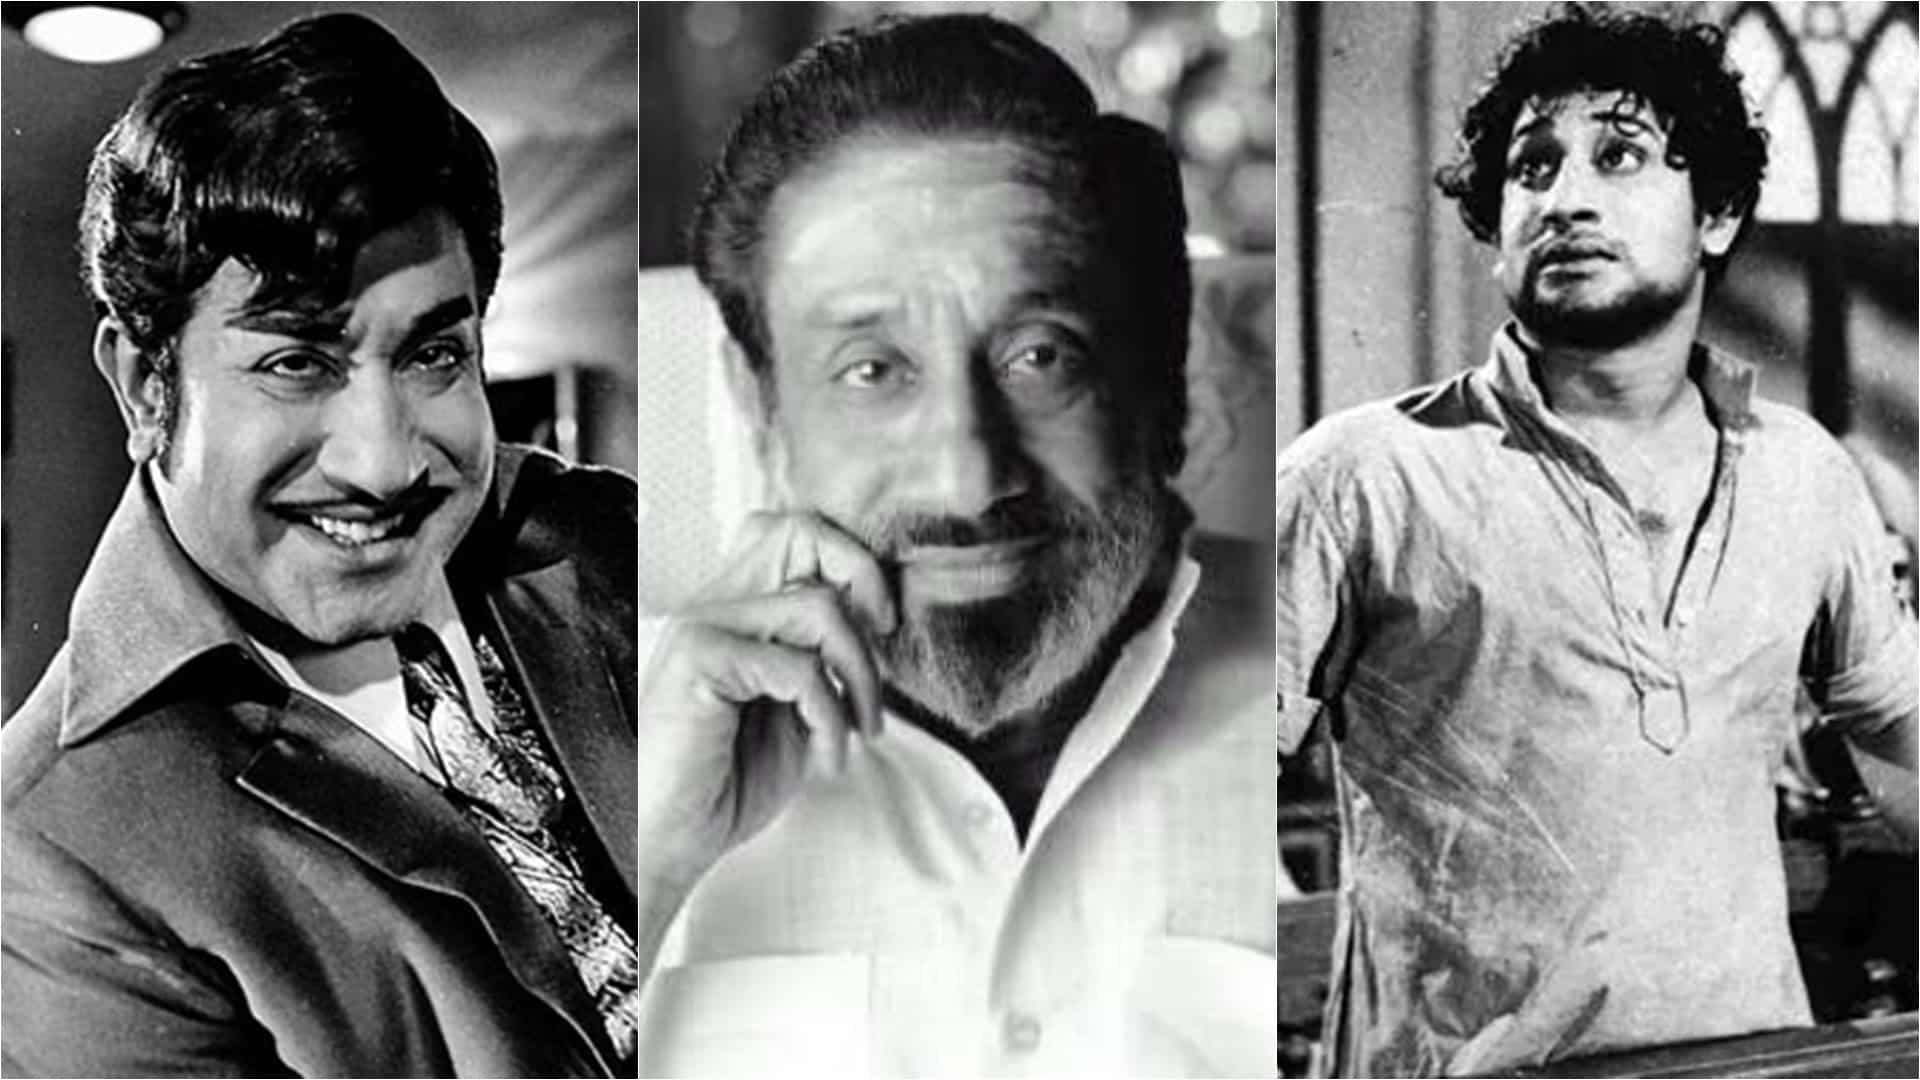 Remembering Sivaji Ganesan through his memorable performances